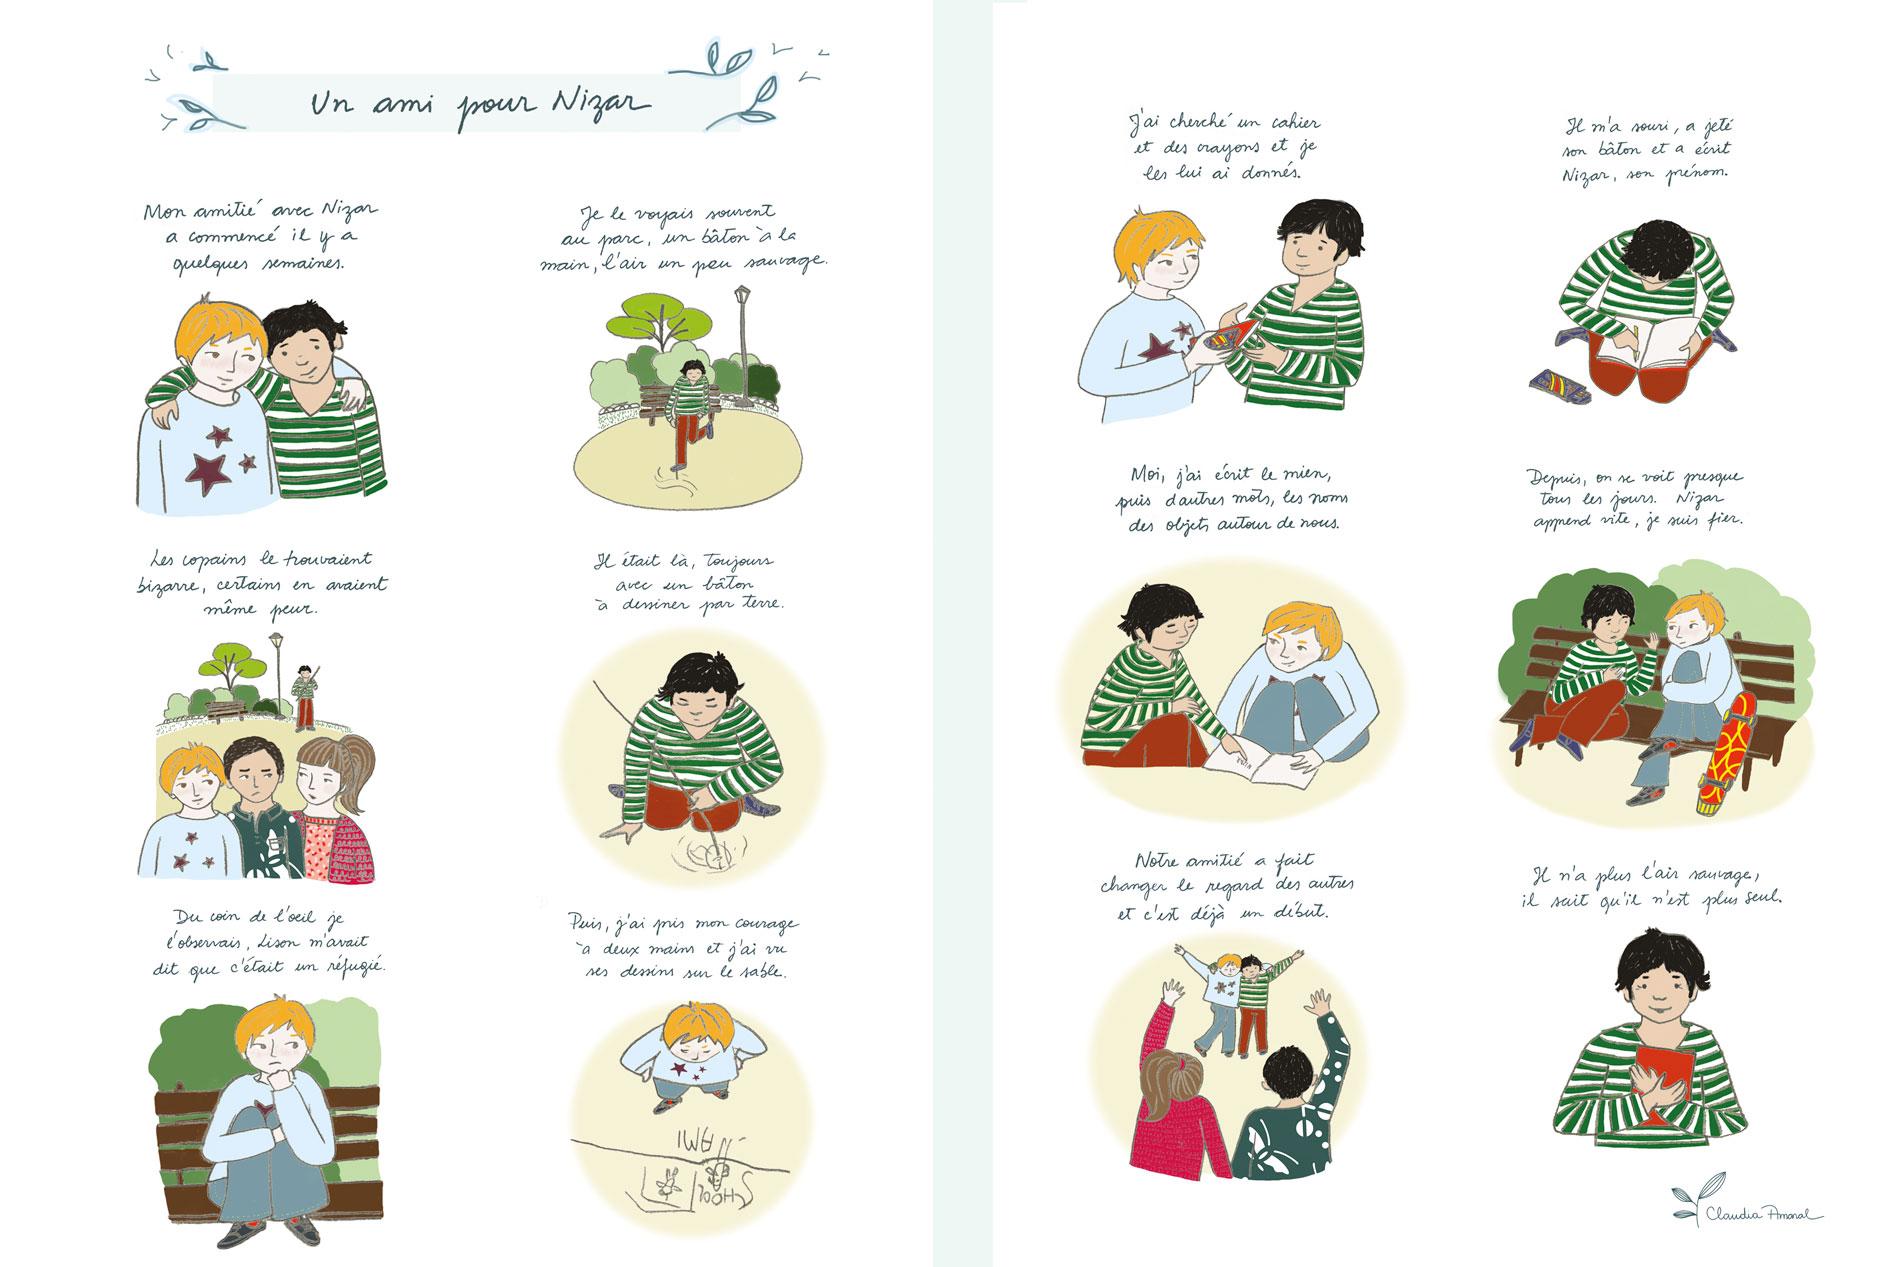 Histoires écrites et illustrées par Claudia Amaral pour le magazine Regard Bouddhiste